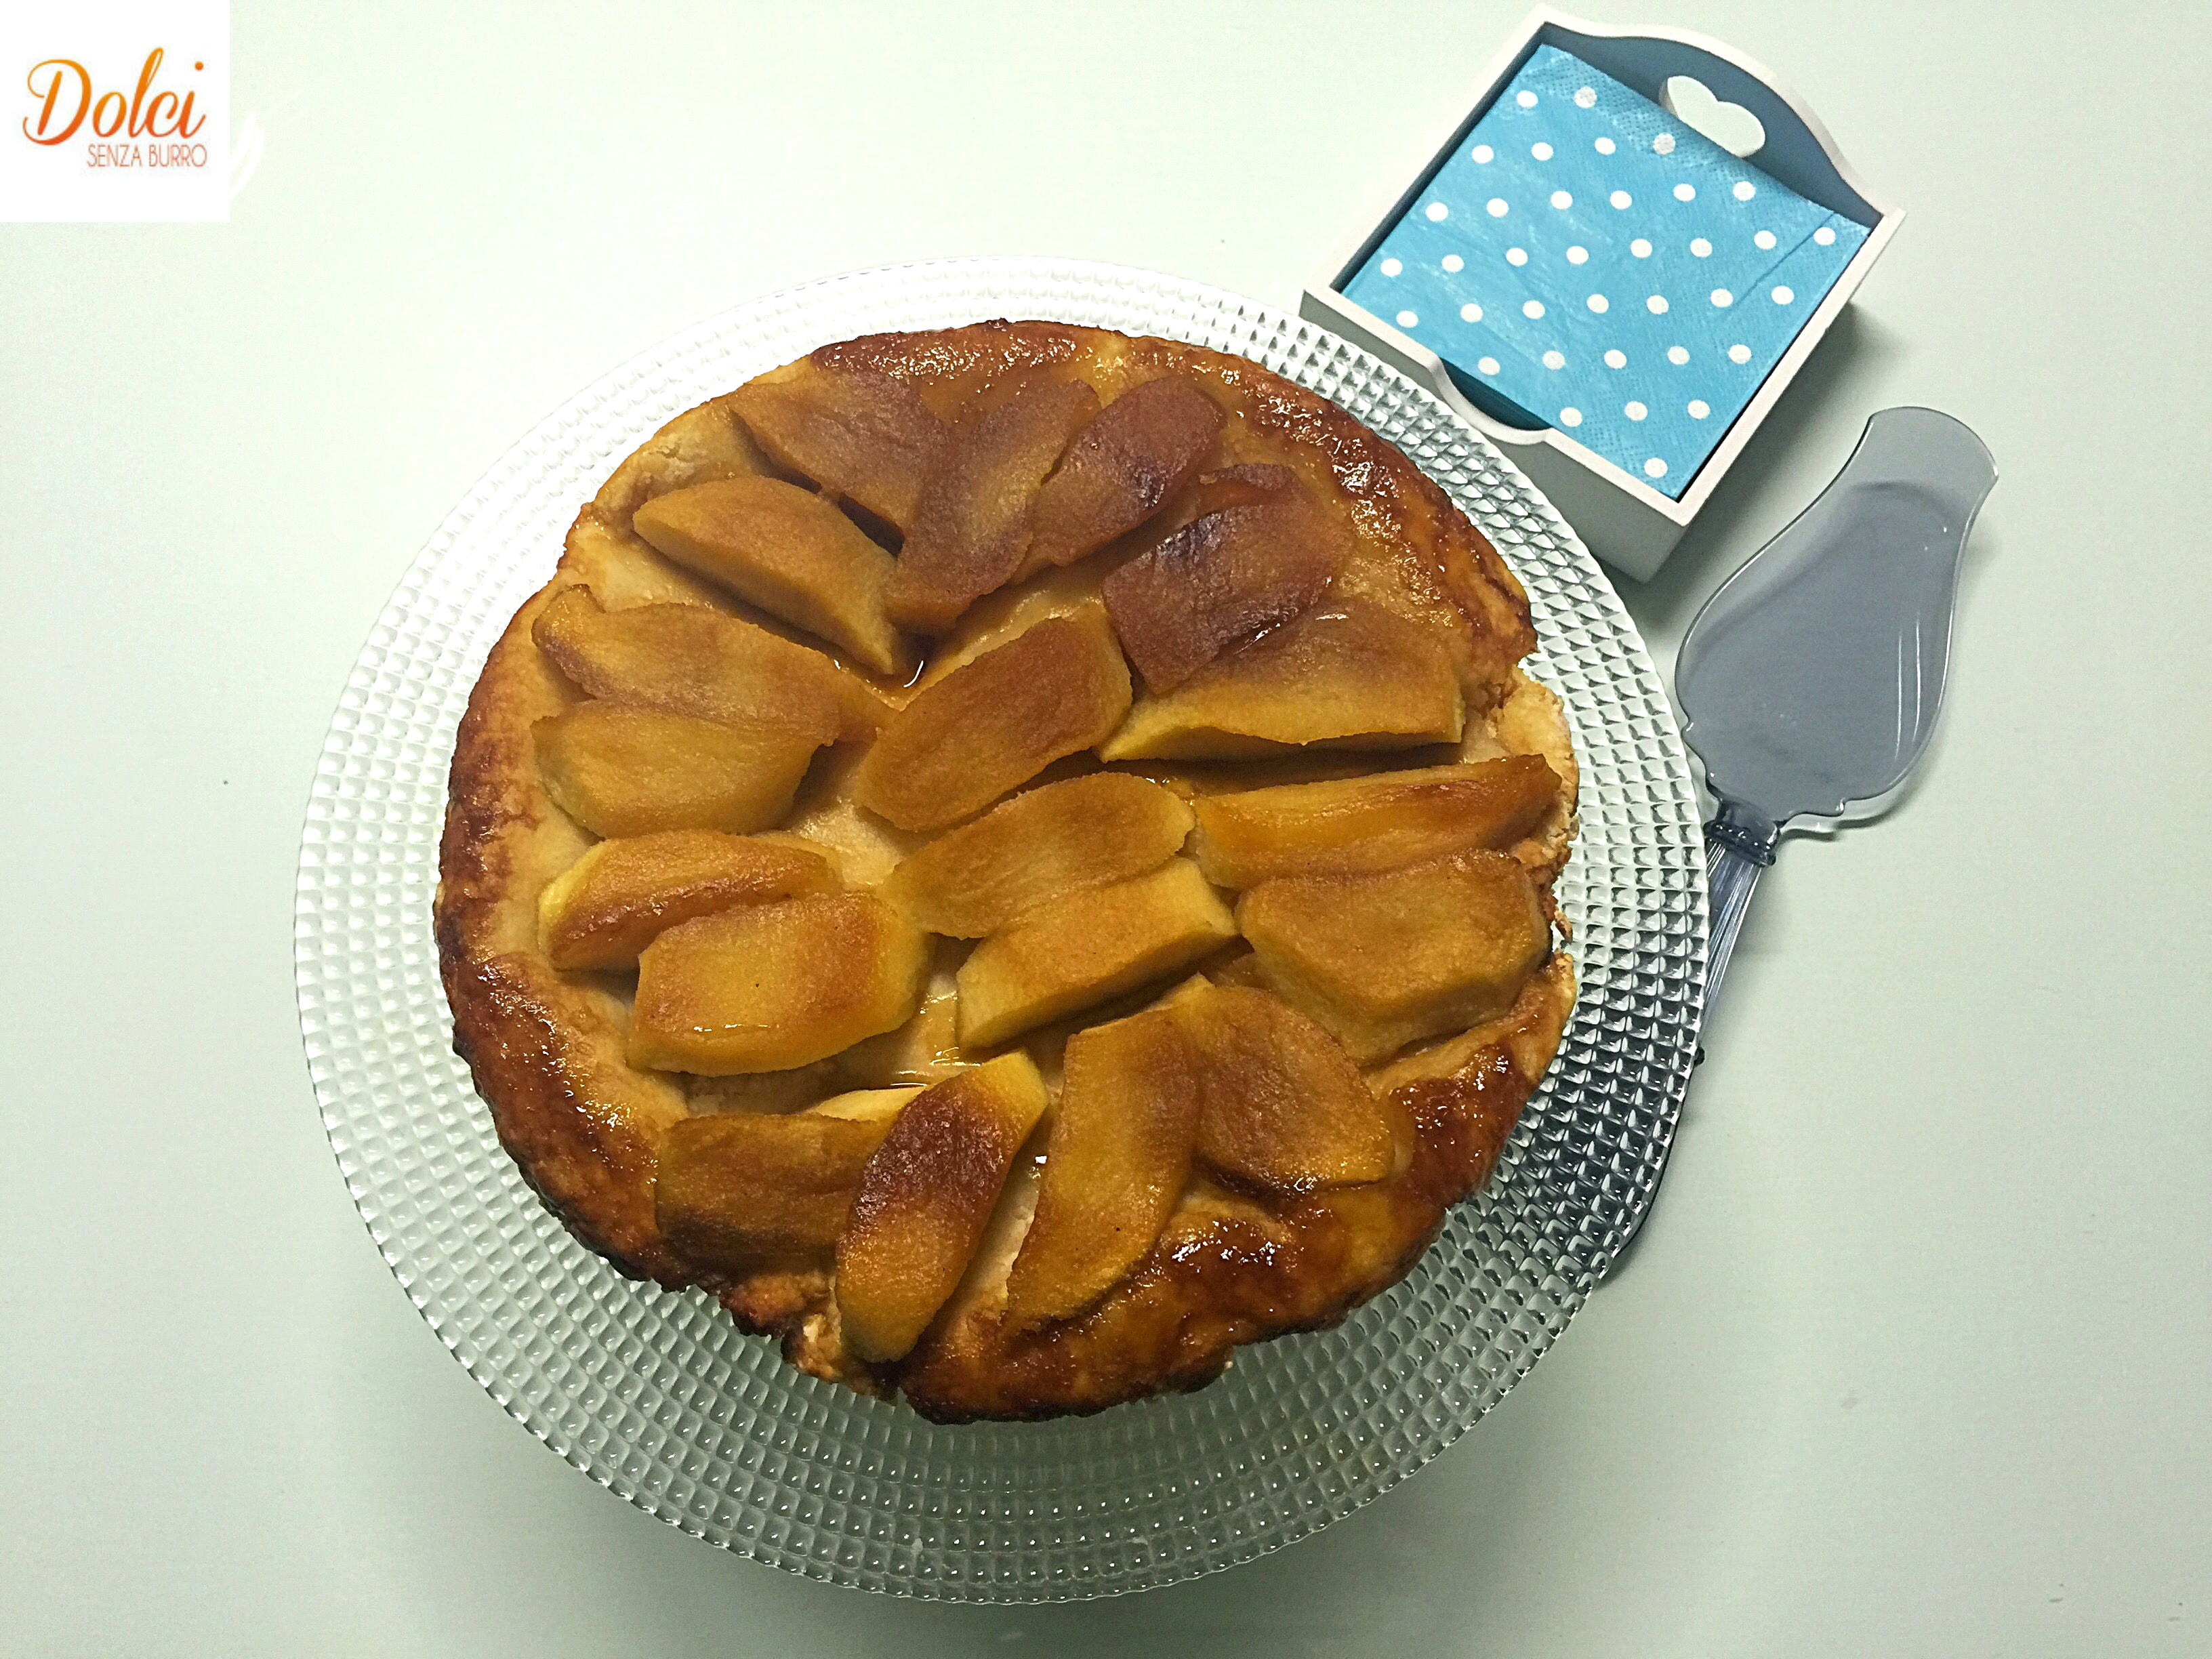 Tarte Tatin Senza Burro, il famoso dolce francese in versione light di dolci senza burro